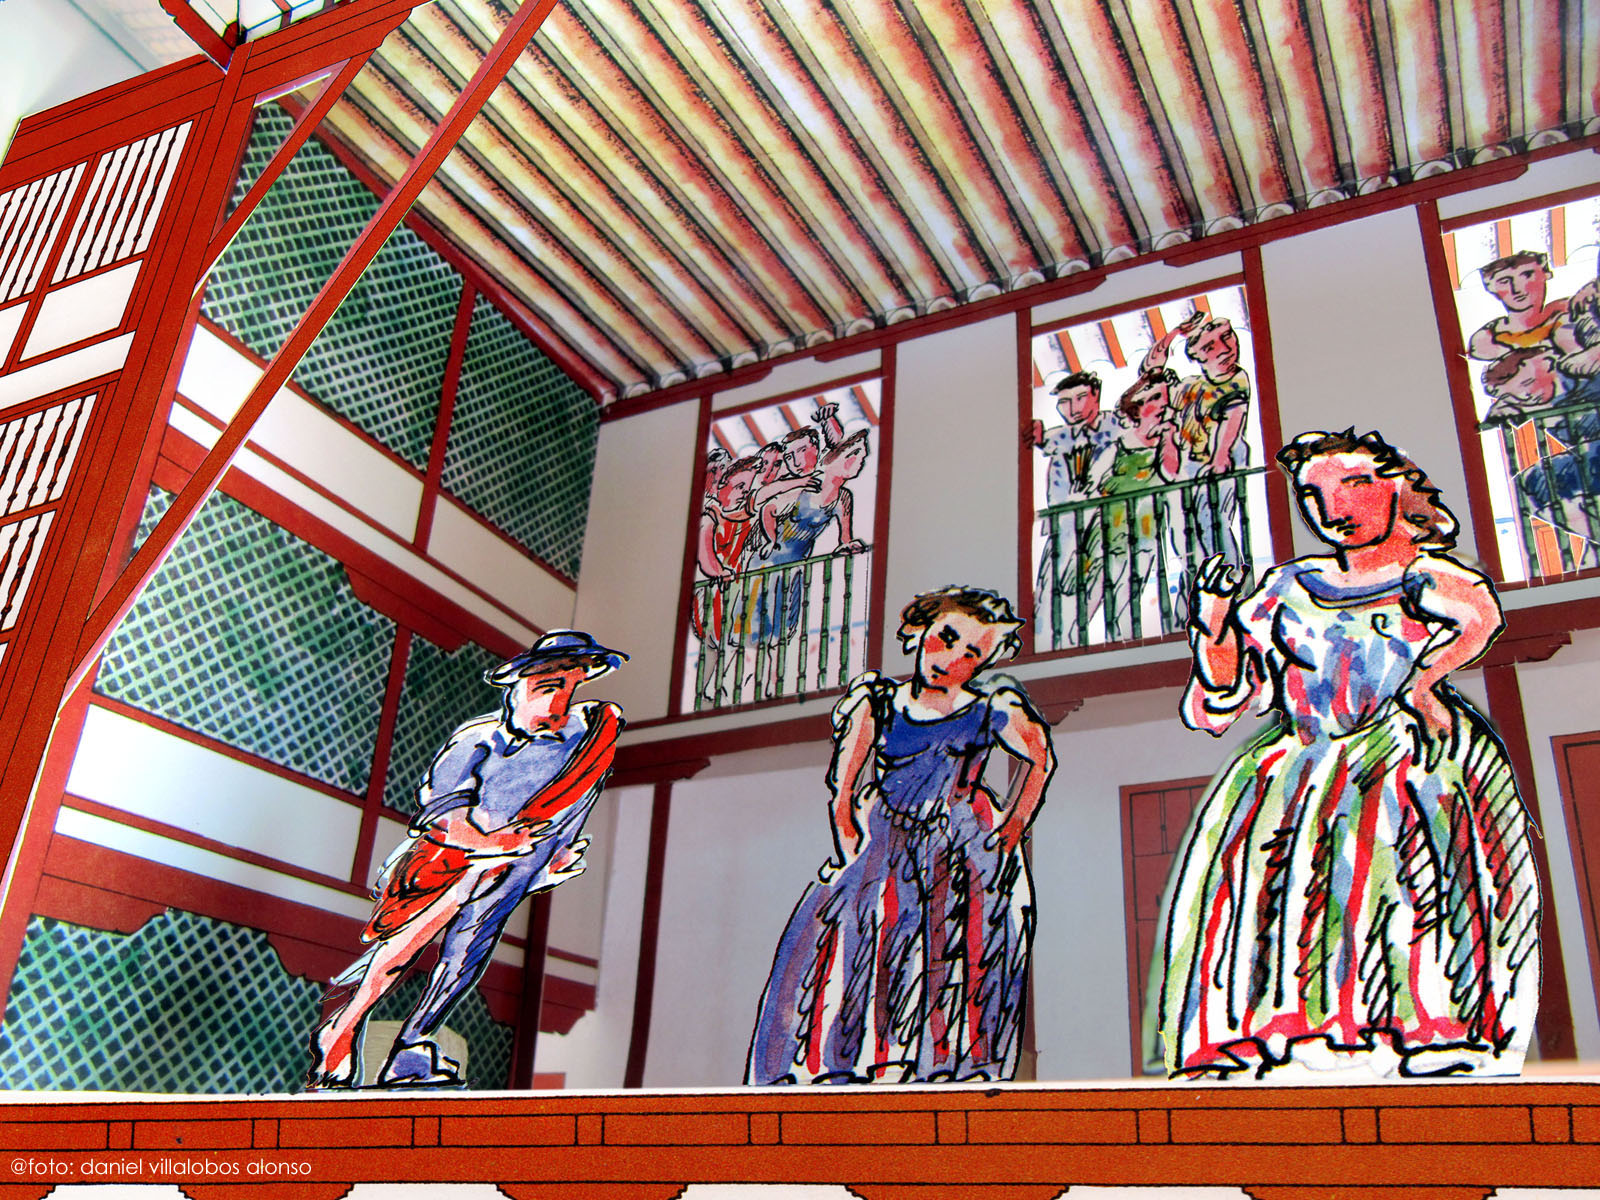 danielvillalobos-toytheater-prezvillalta-almagro-corraldecomedias-108